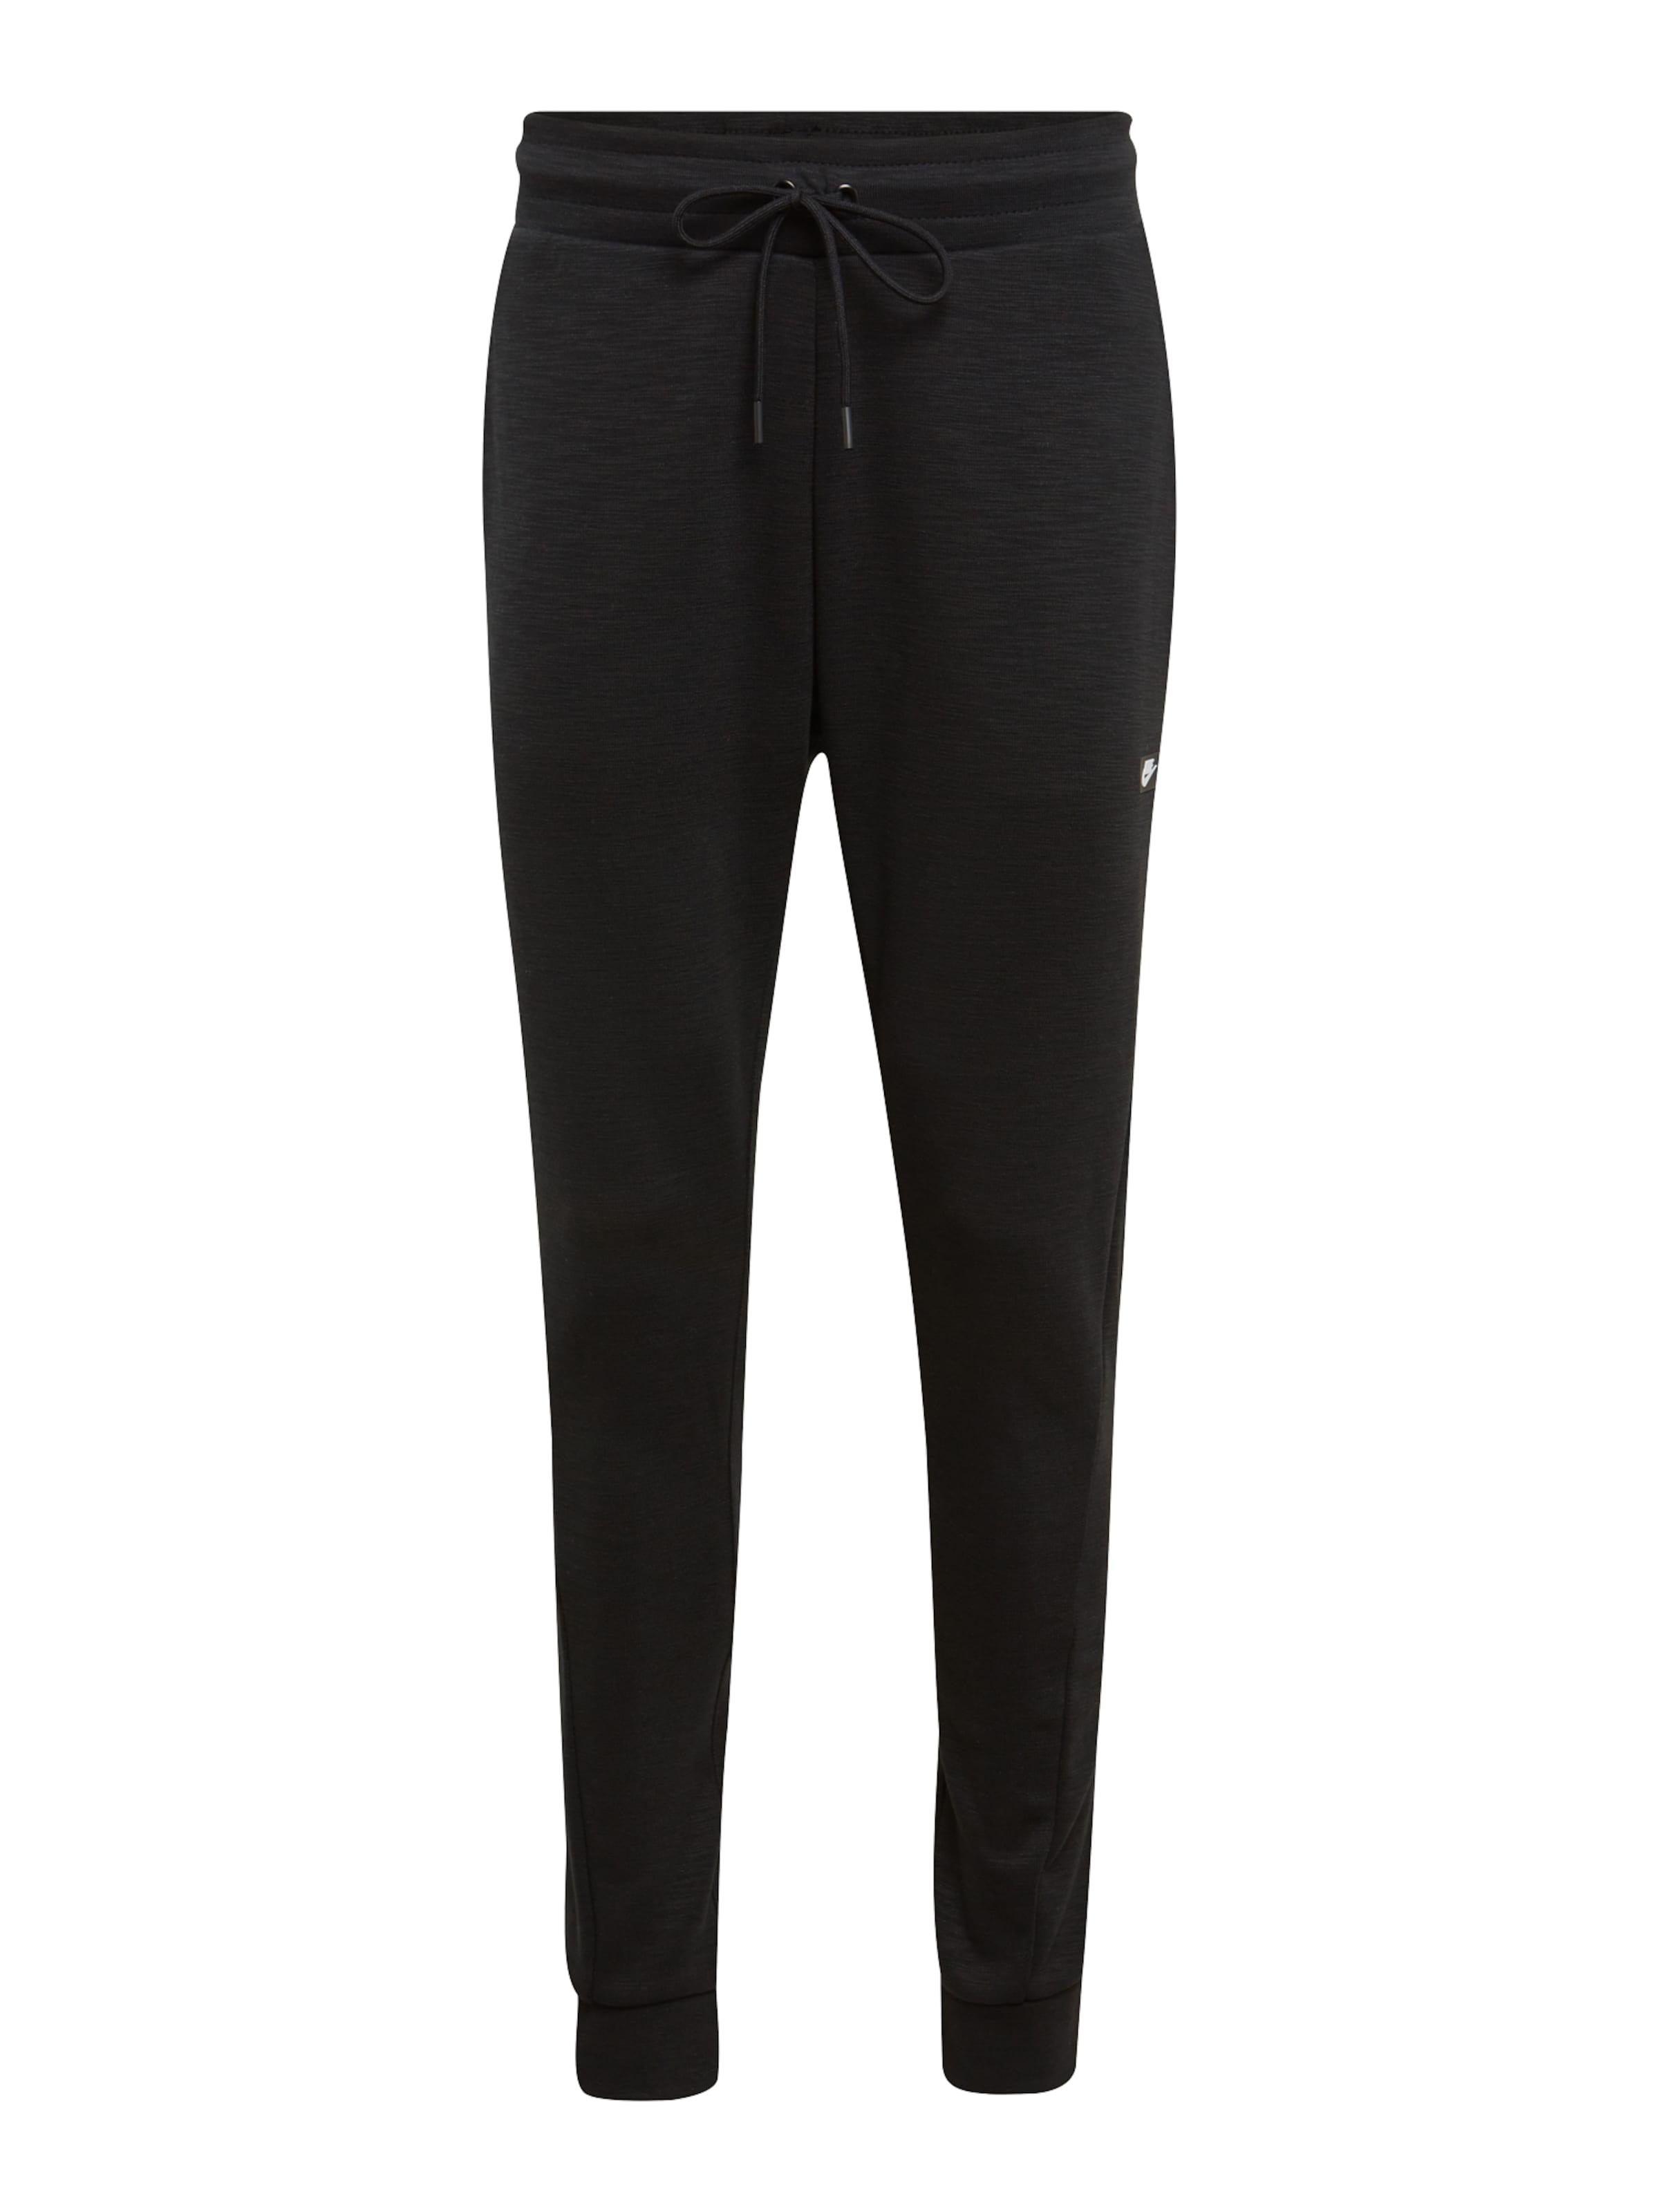 'optic' Nike In Schwarz Sportswear Sweatpants A34R5jLq